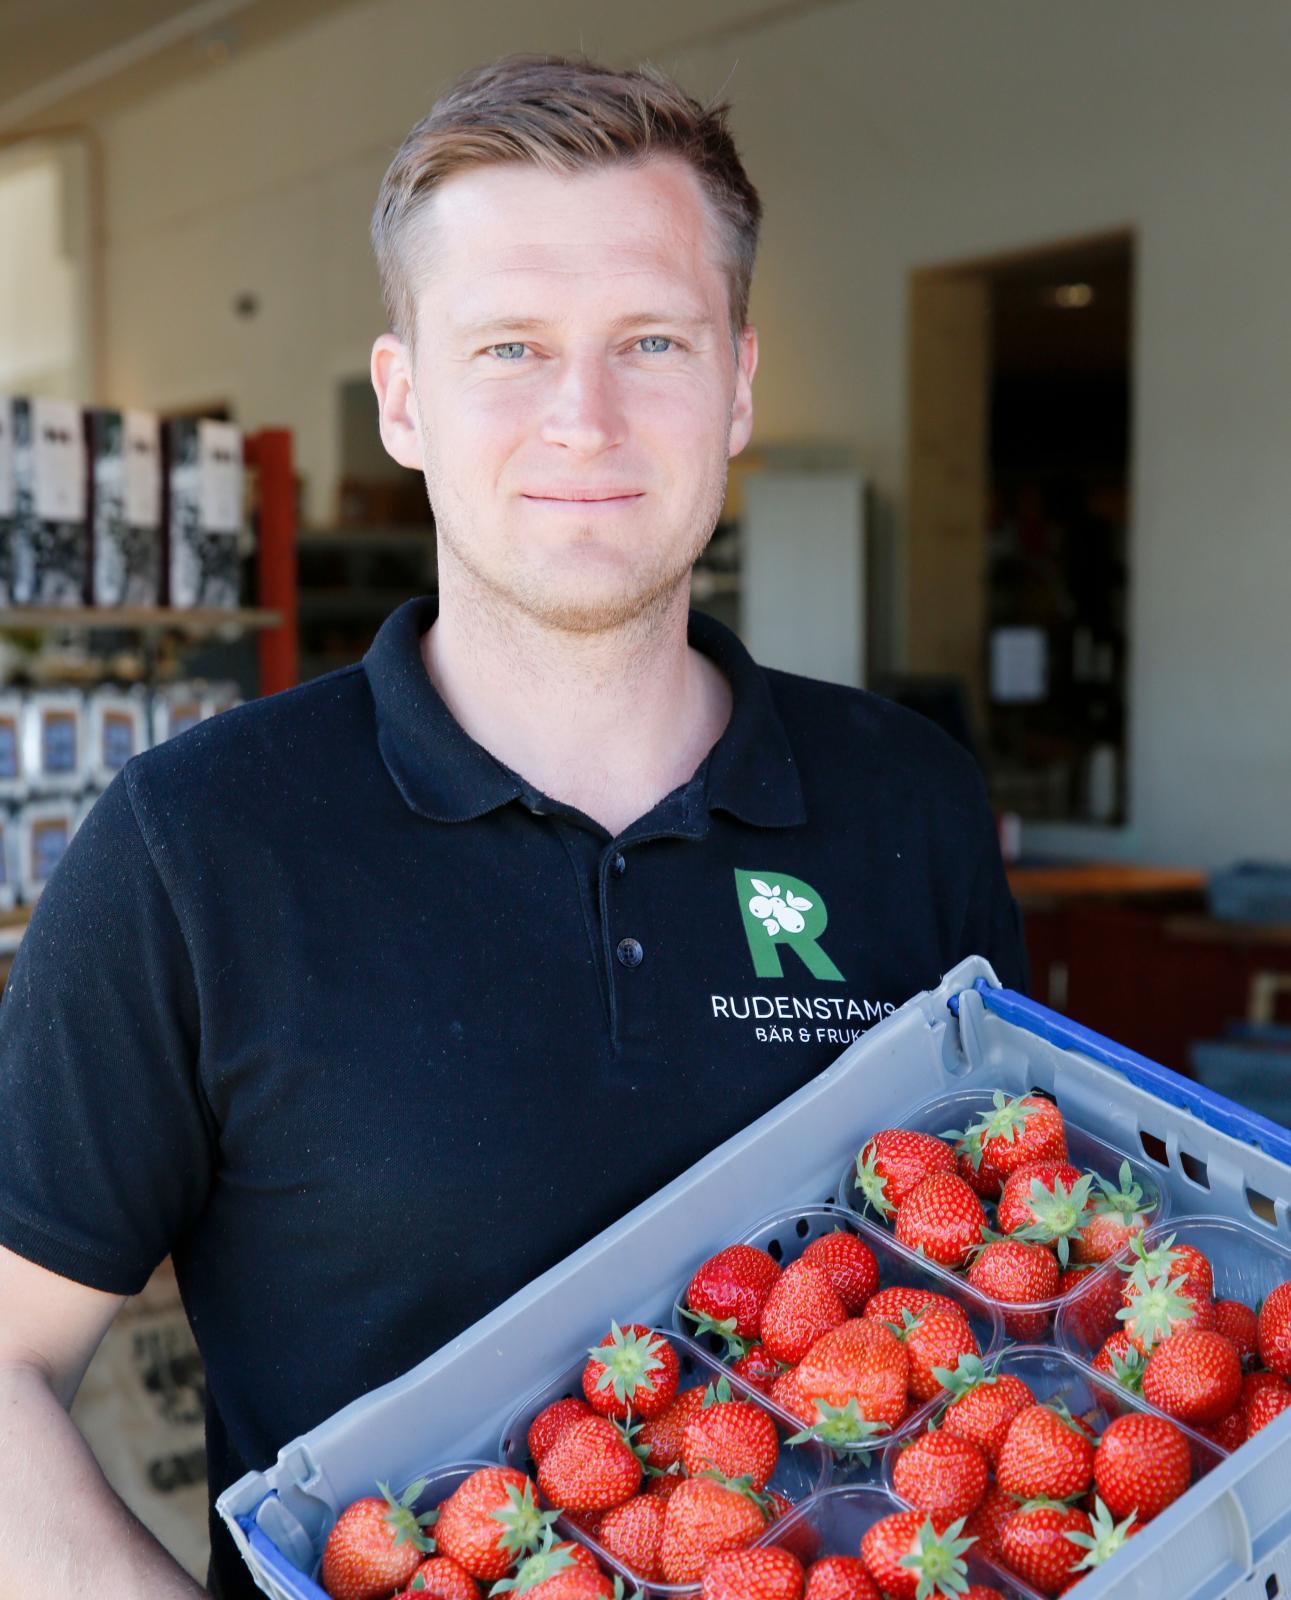 David Rudenstam odlar jordgubbar i krukor och säljer söta delikatesser till besökare från när och fjärran.